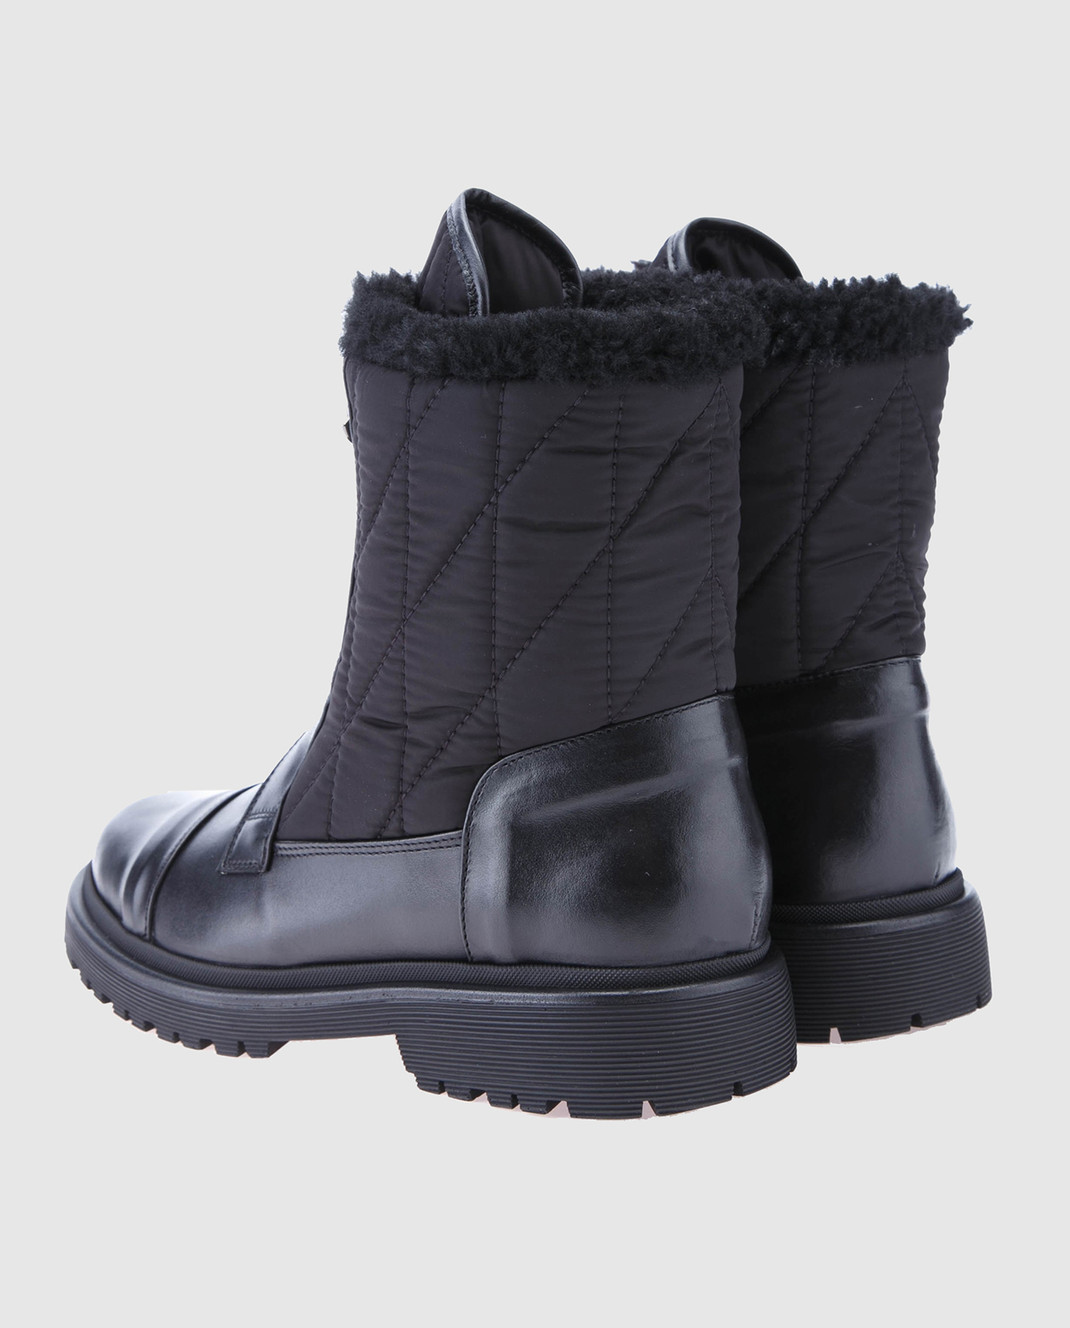 Moncler Черные кожаные ботинки 20314 изображение 3